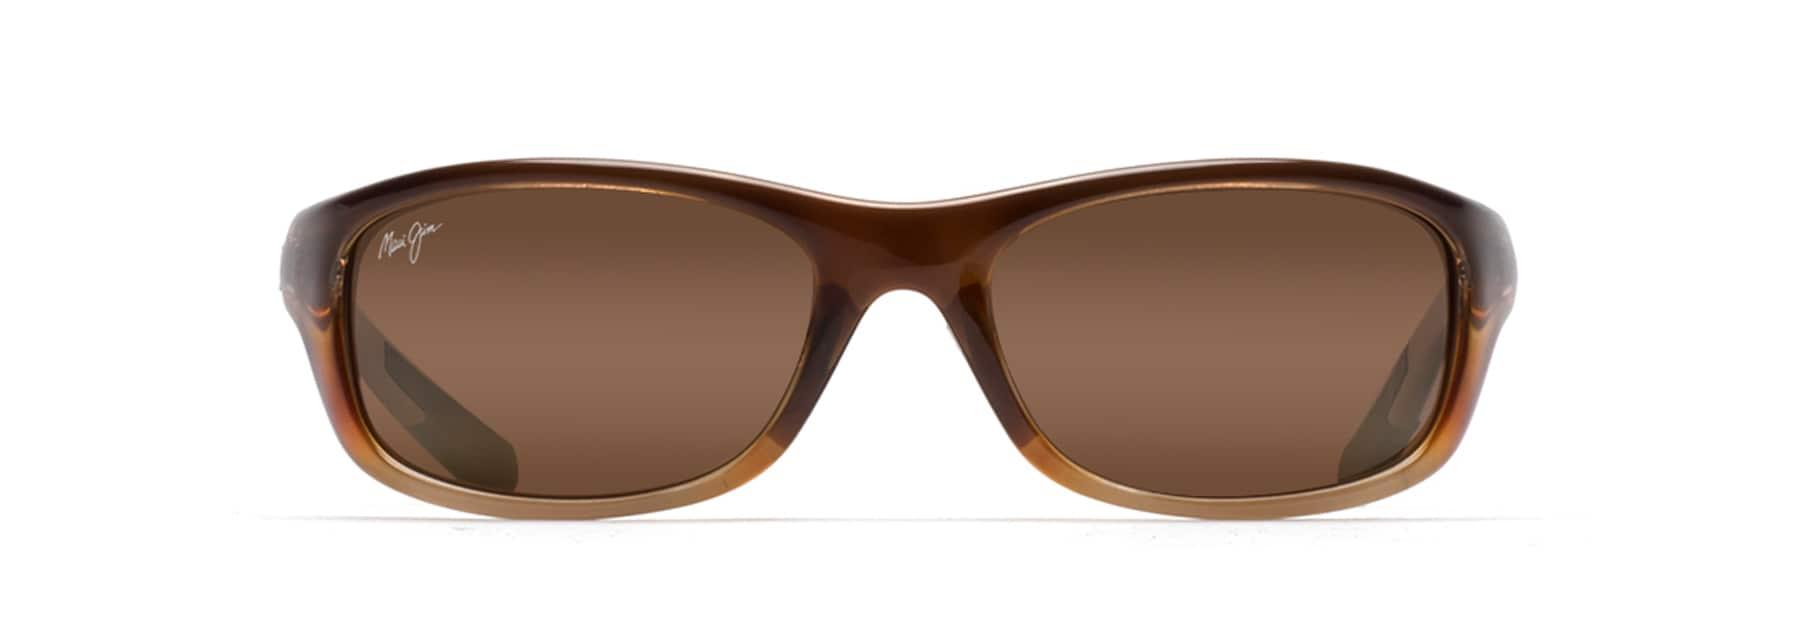 9af7f478a73 Kipahulu Polarized Sunglasses | Maui Jim®